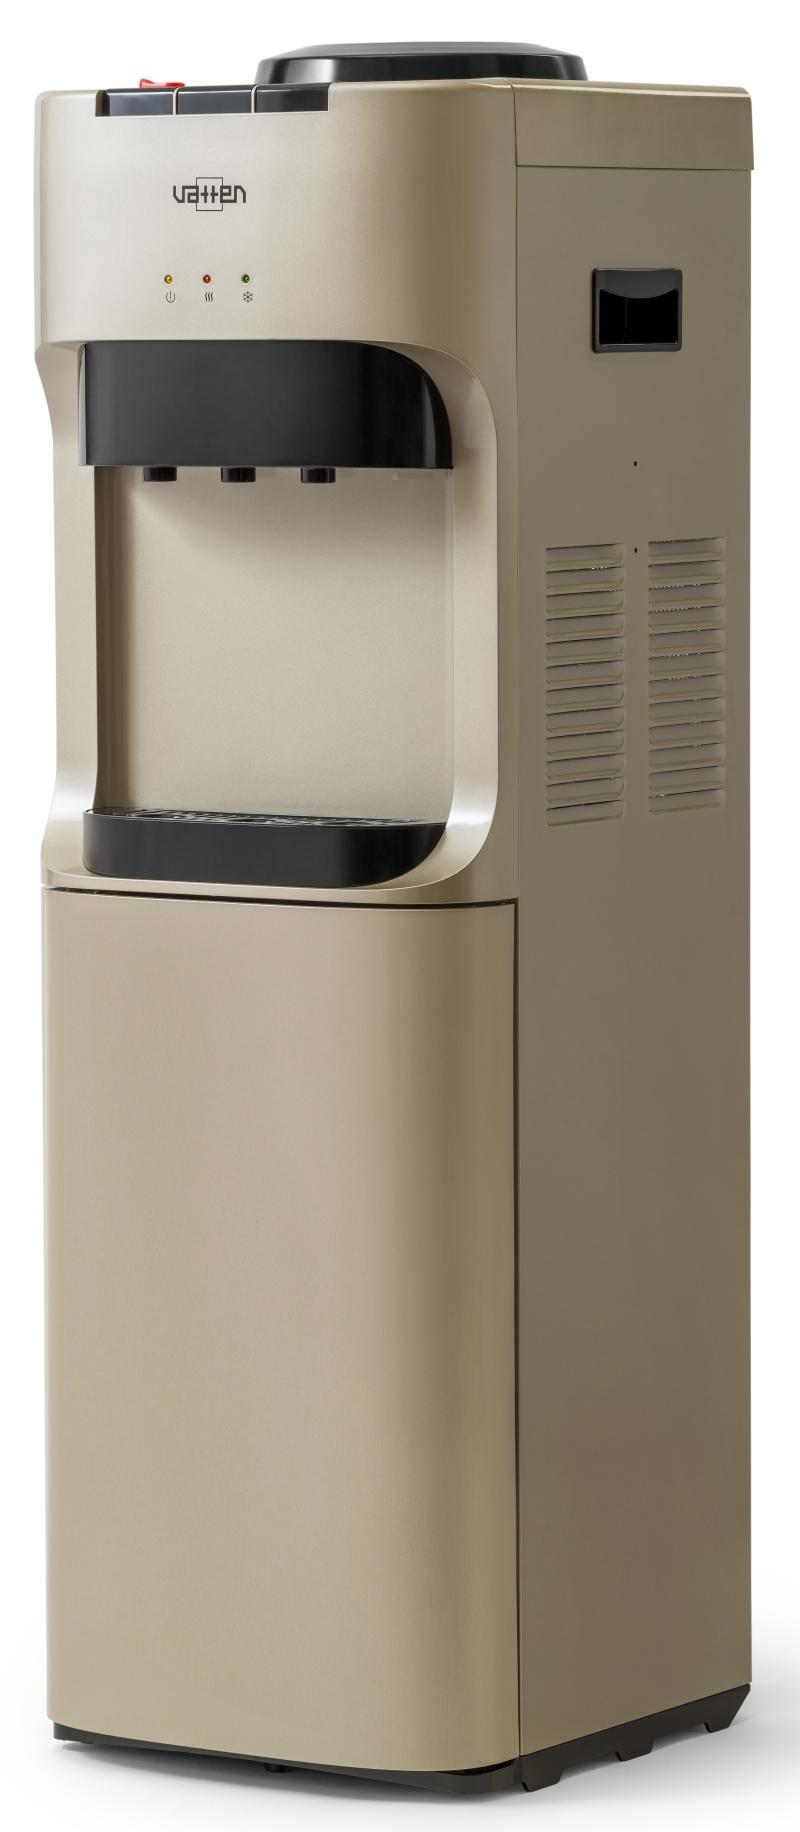 Кулер для воды VATTEN V45QKB с холодильником